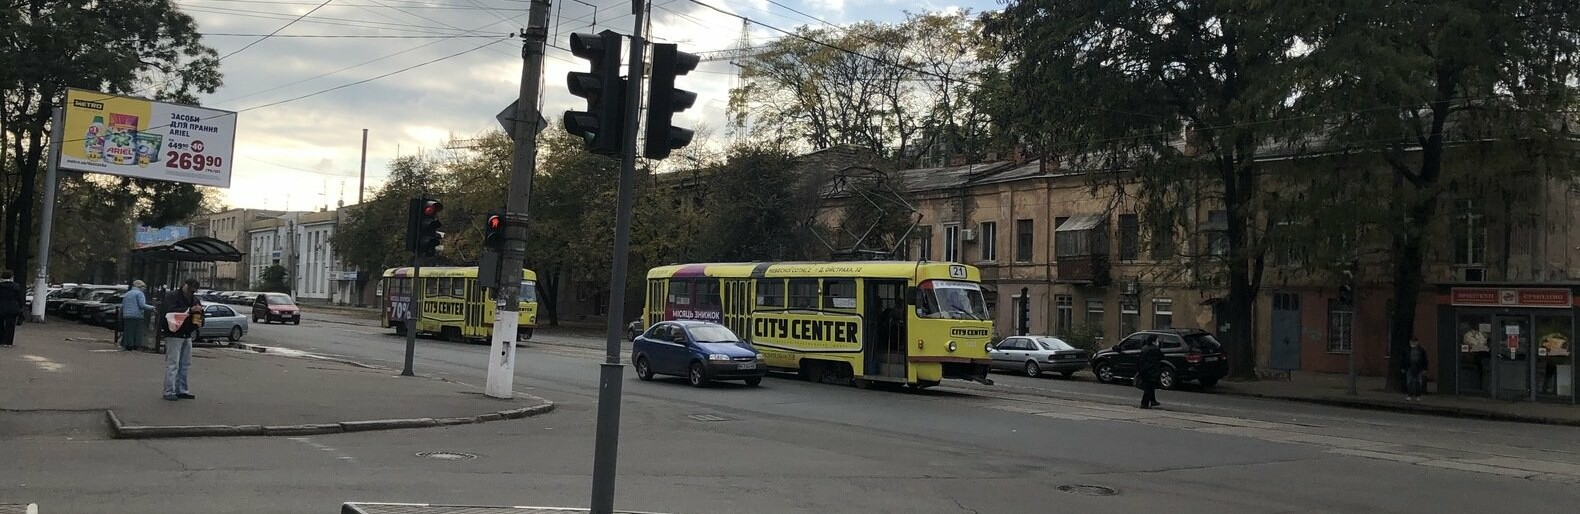 В Одессе столкнулись автомобили и перекрыли дорогу трамваю, - ФОТО0